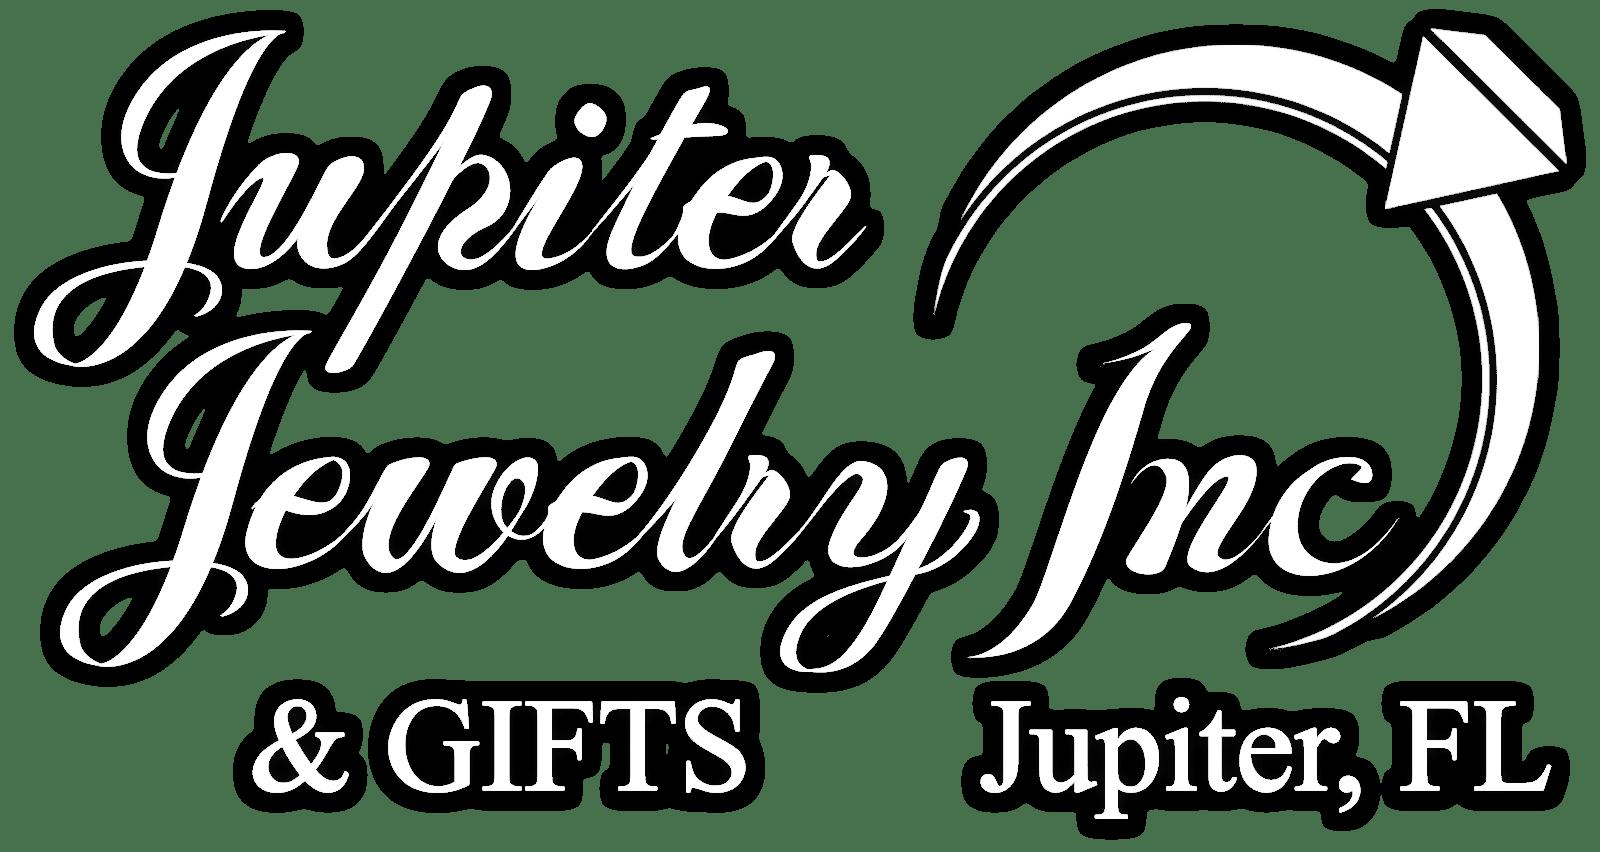 Jupiter Jewelry, Inc.